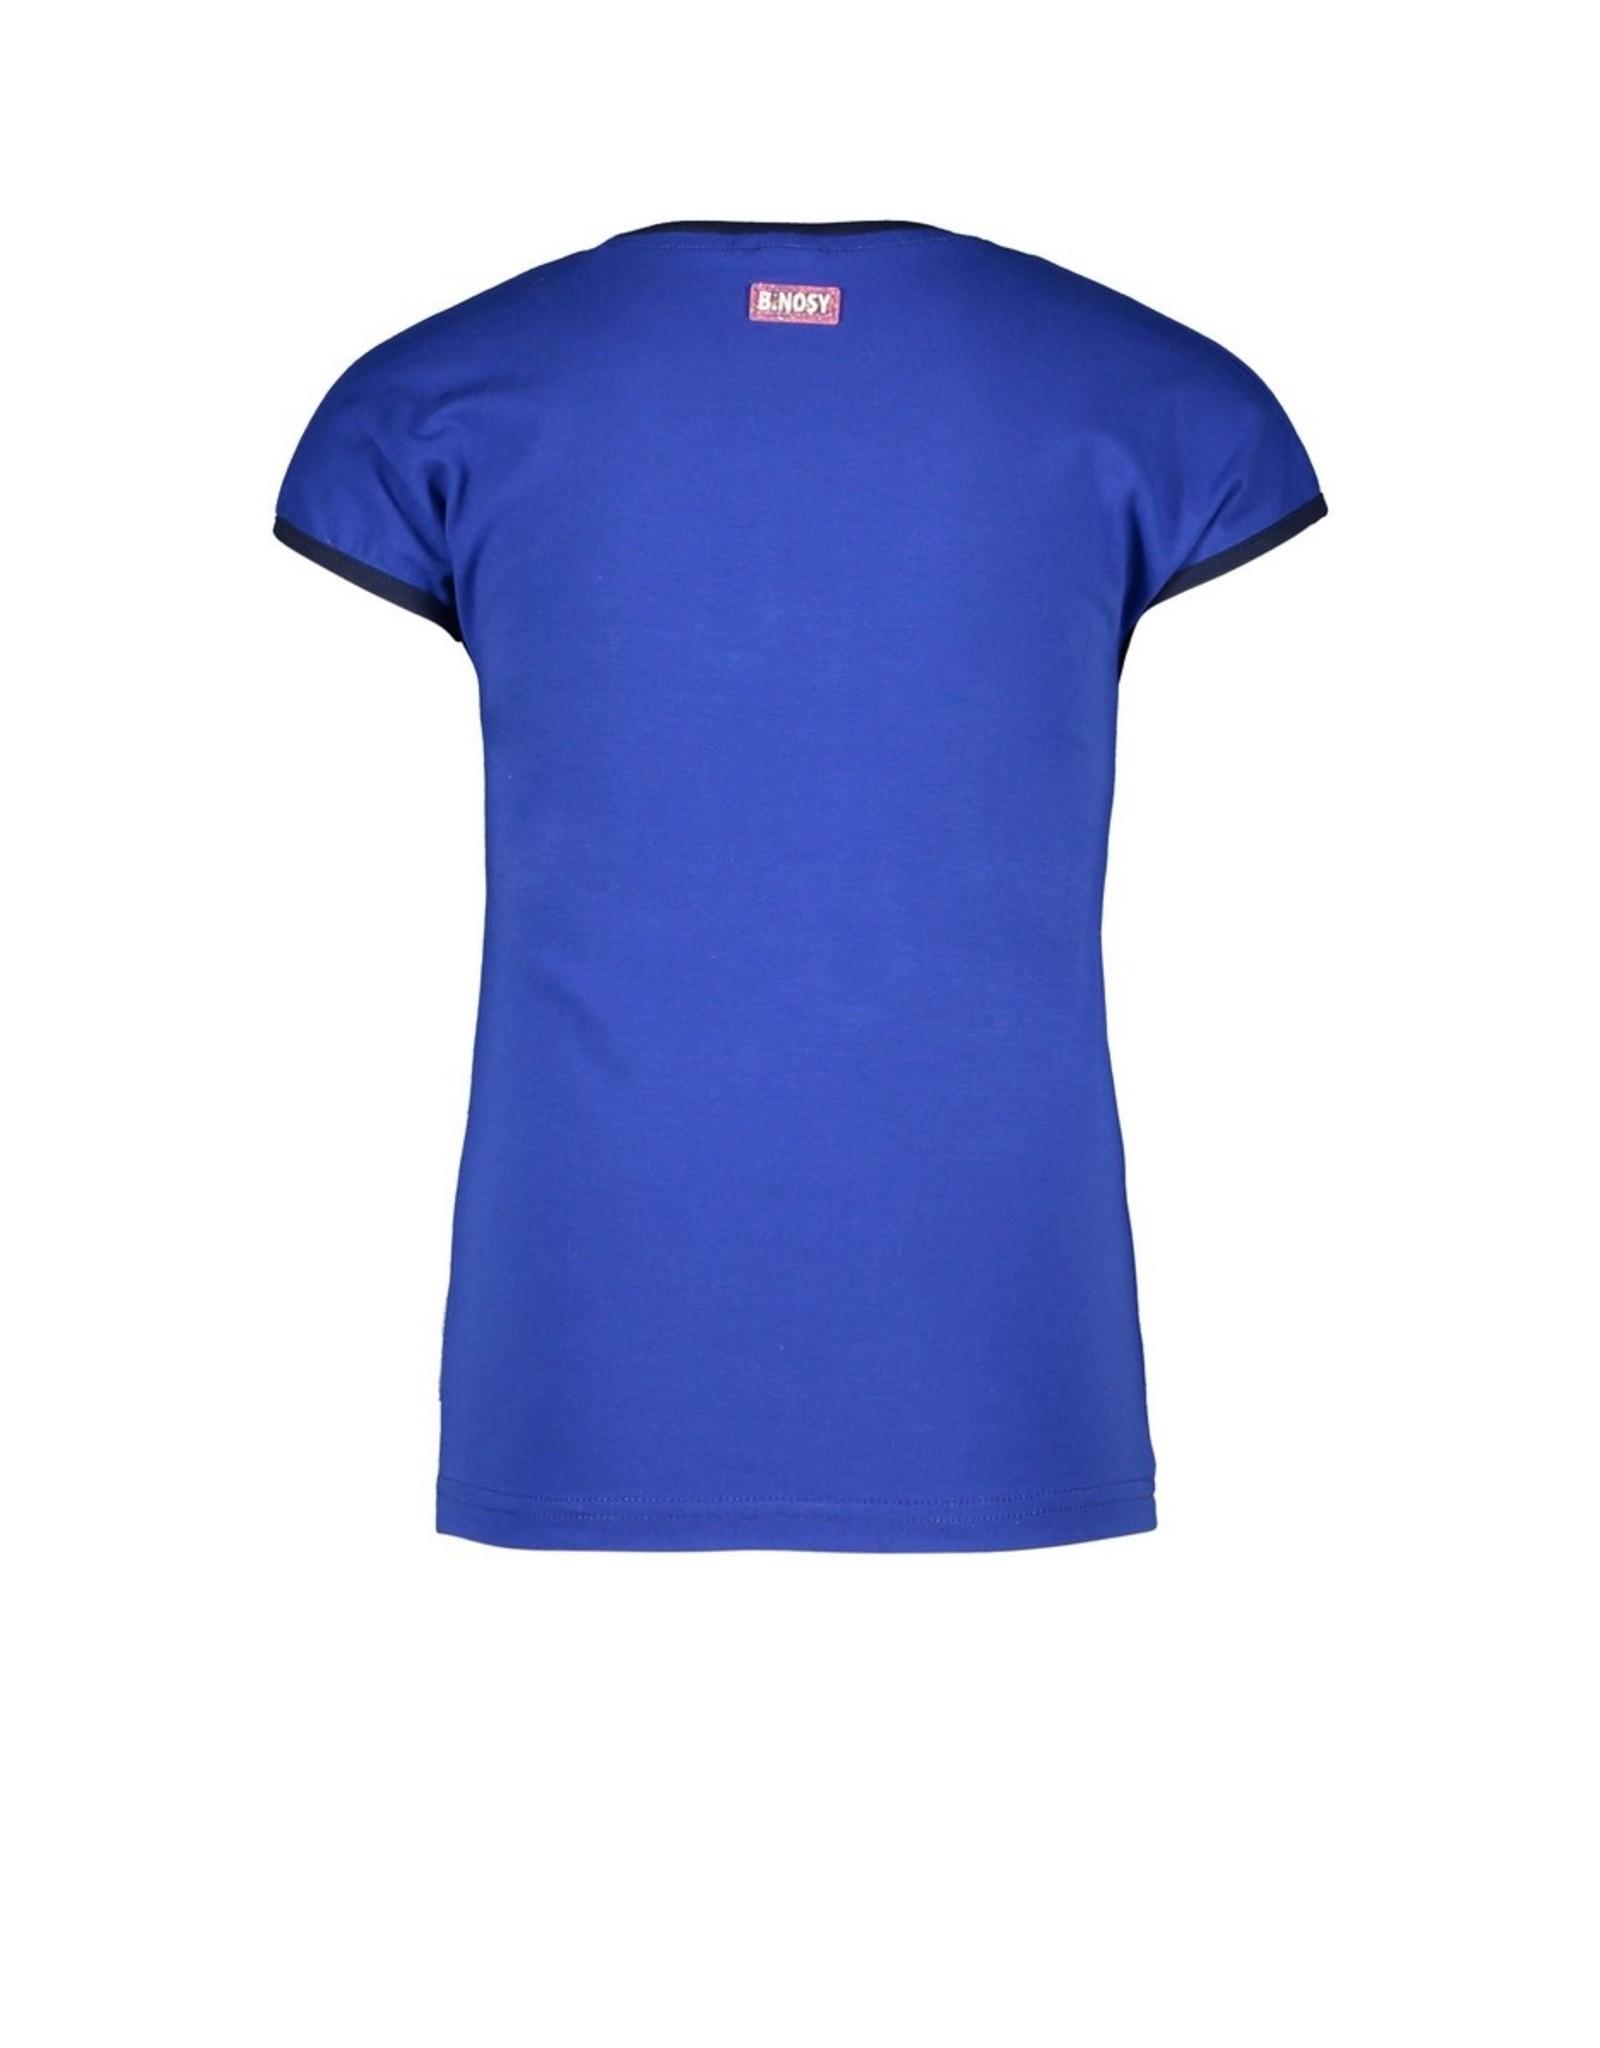 B-Nosy Girls t-shirt with fancy chest artwork, Cobalt blue